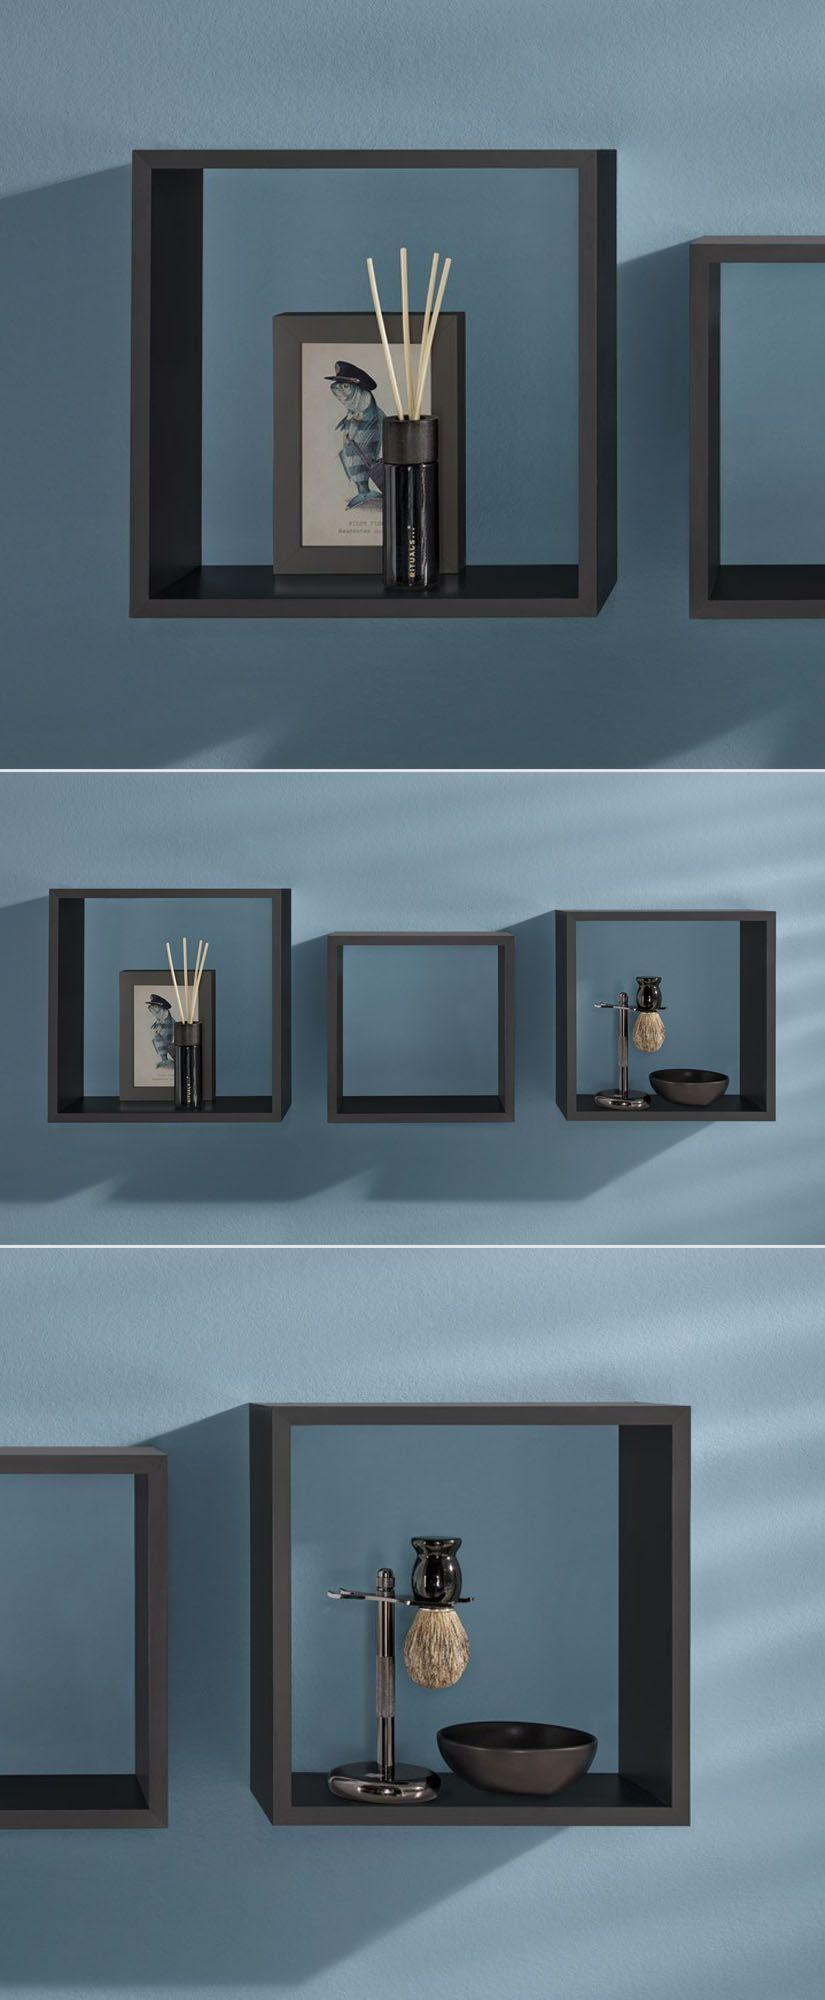 Kchenregale Hngend. Finest Excellent Elegant Cool Design Wand Hnge ...